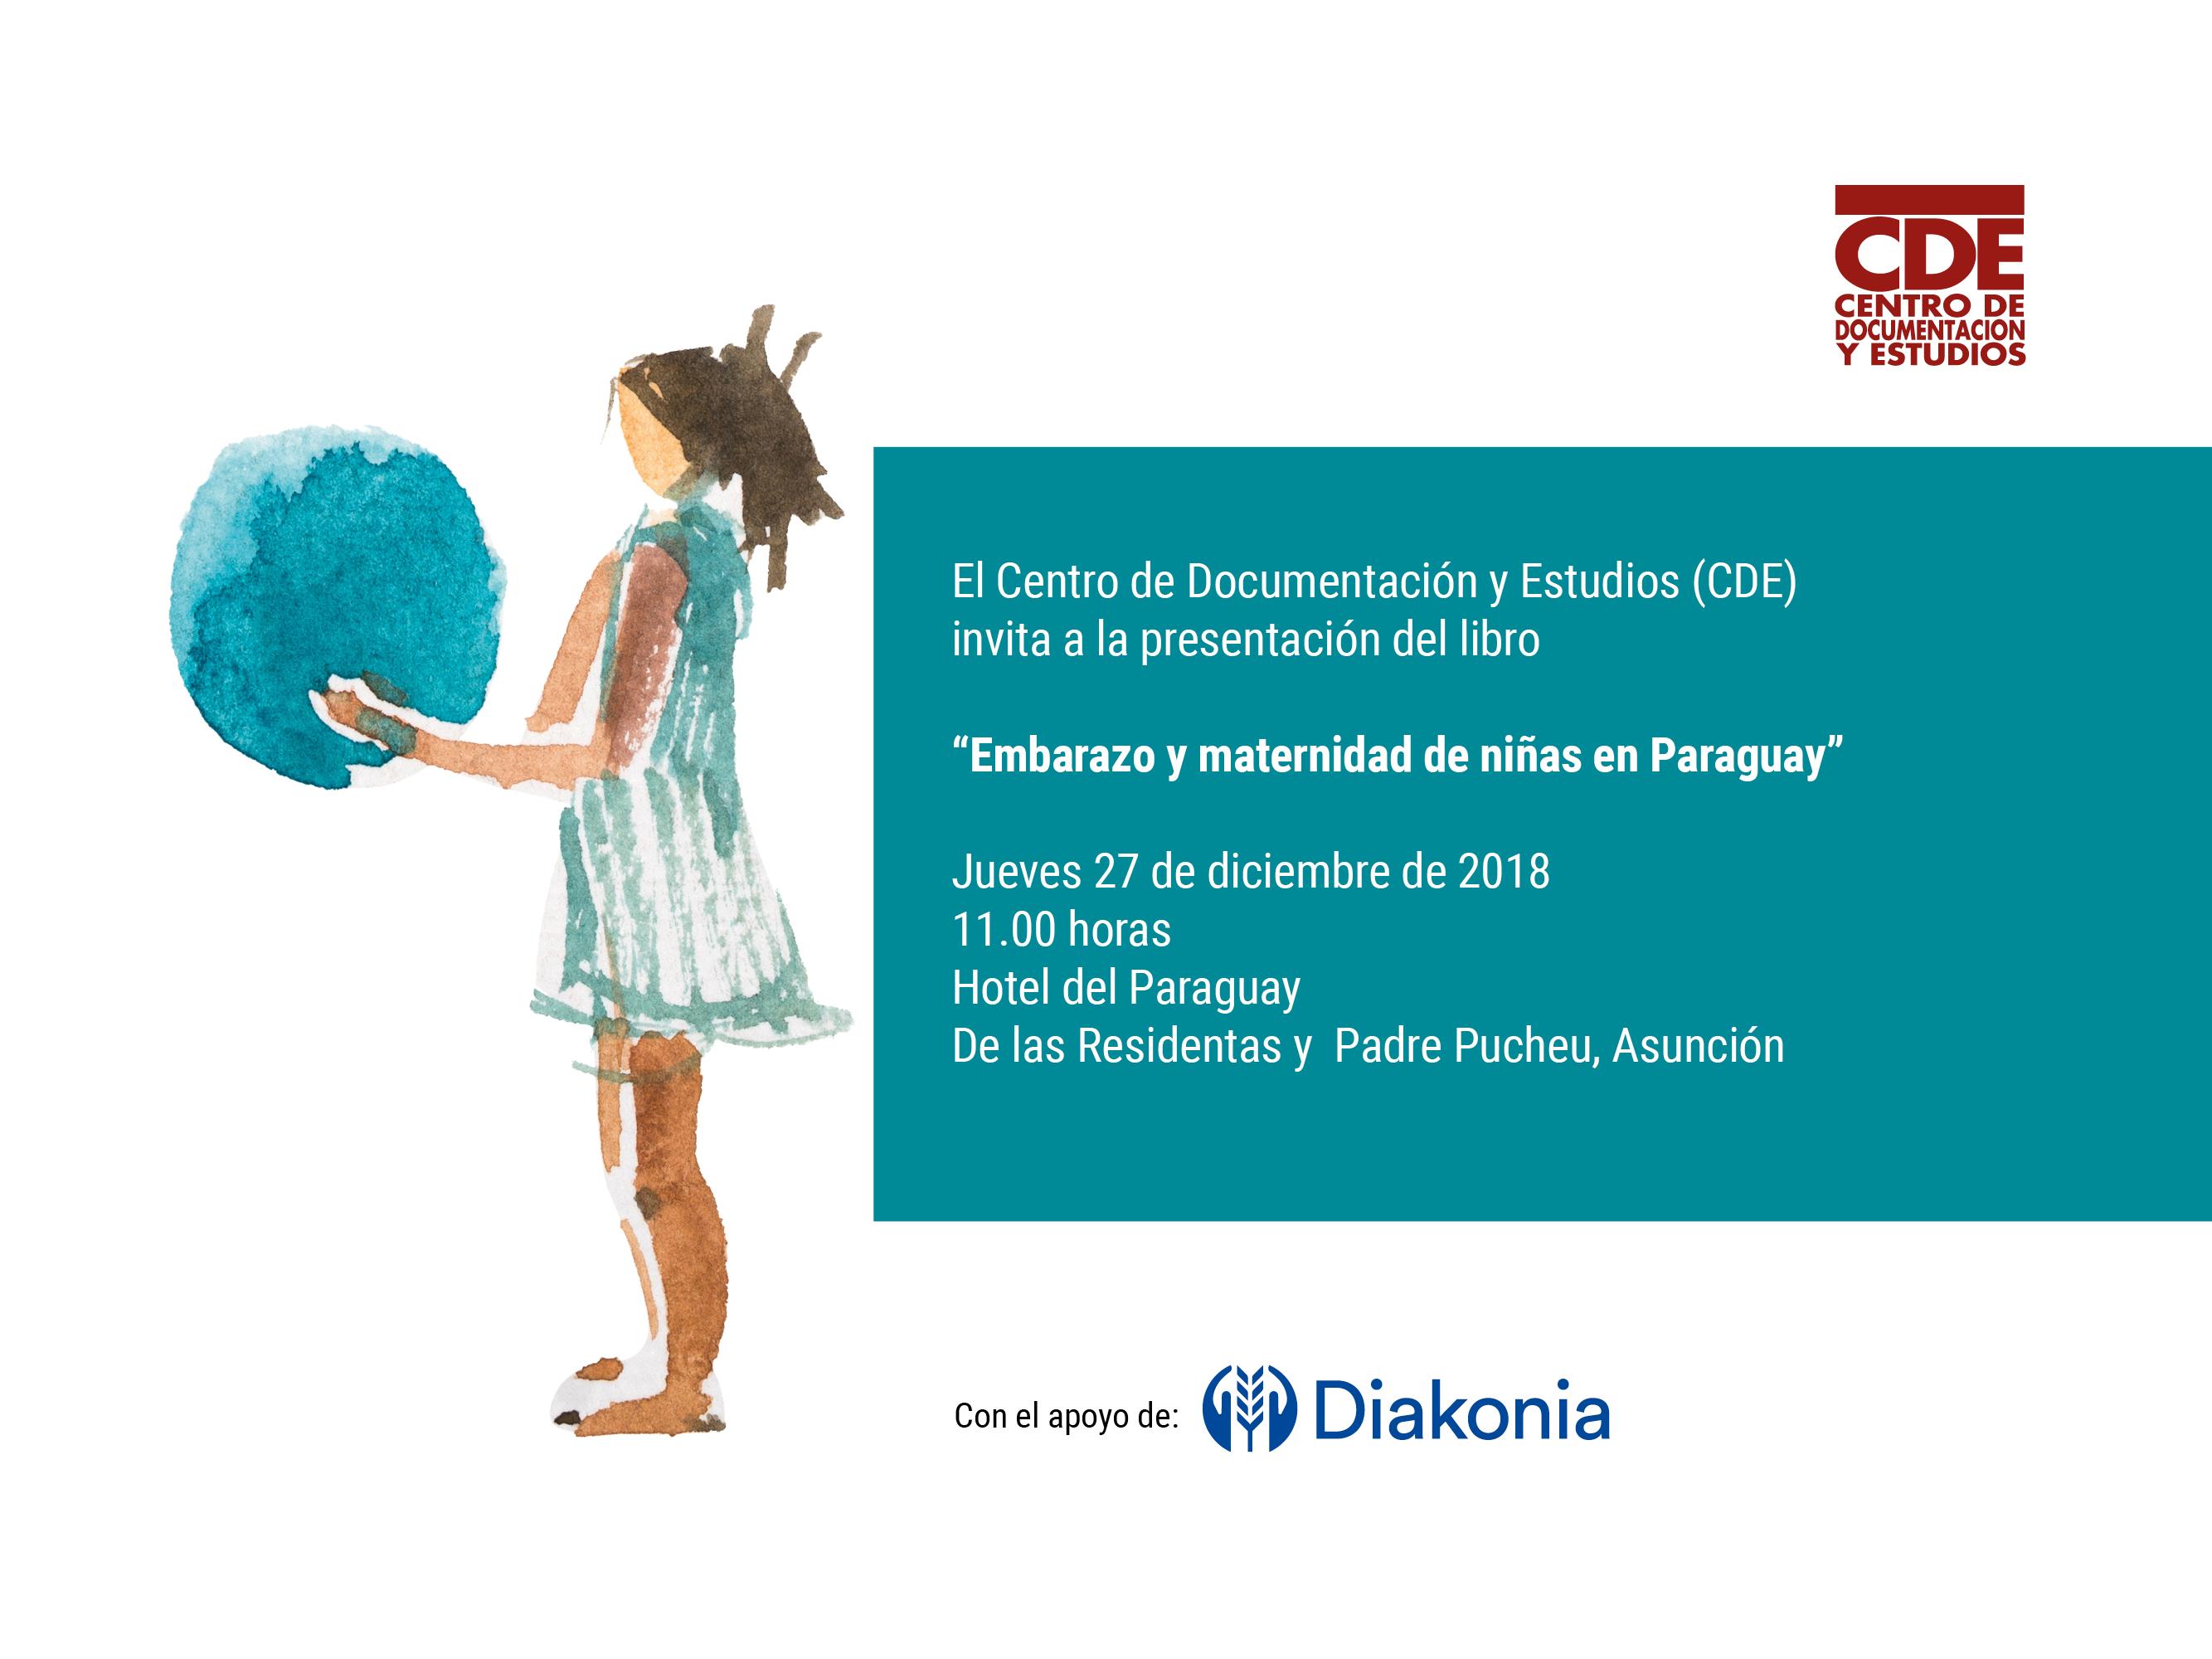 """b656490c2 Este jueves 27 de diciembre se presenta un estudio del Centro de  Documentación y Estudios (CDE) sobre """"Embarazo y maternidad de niñas en  Paraguay""""."""